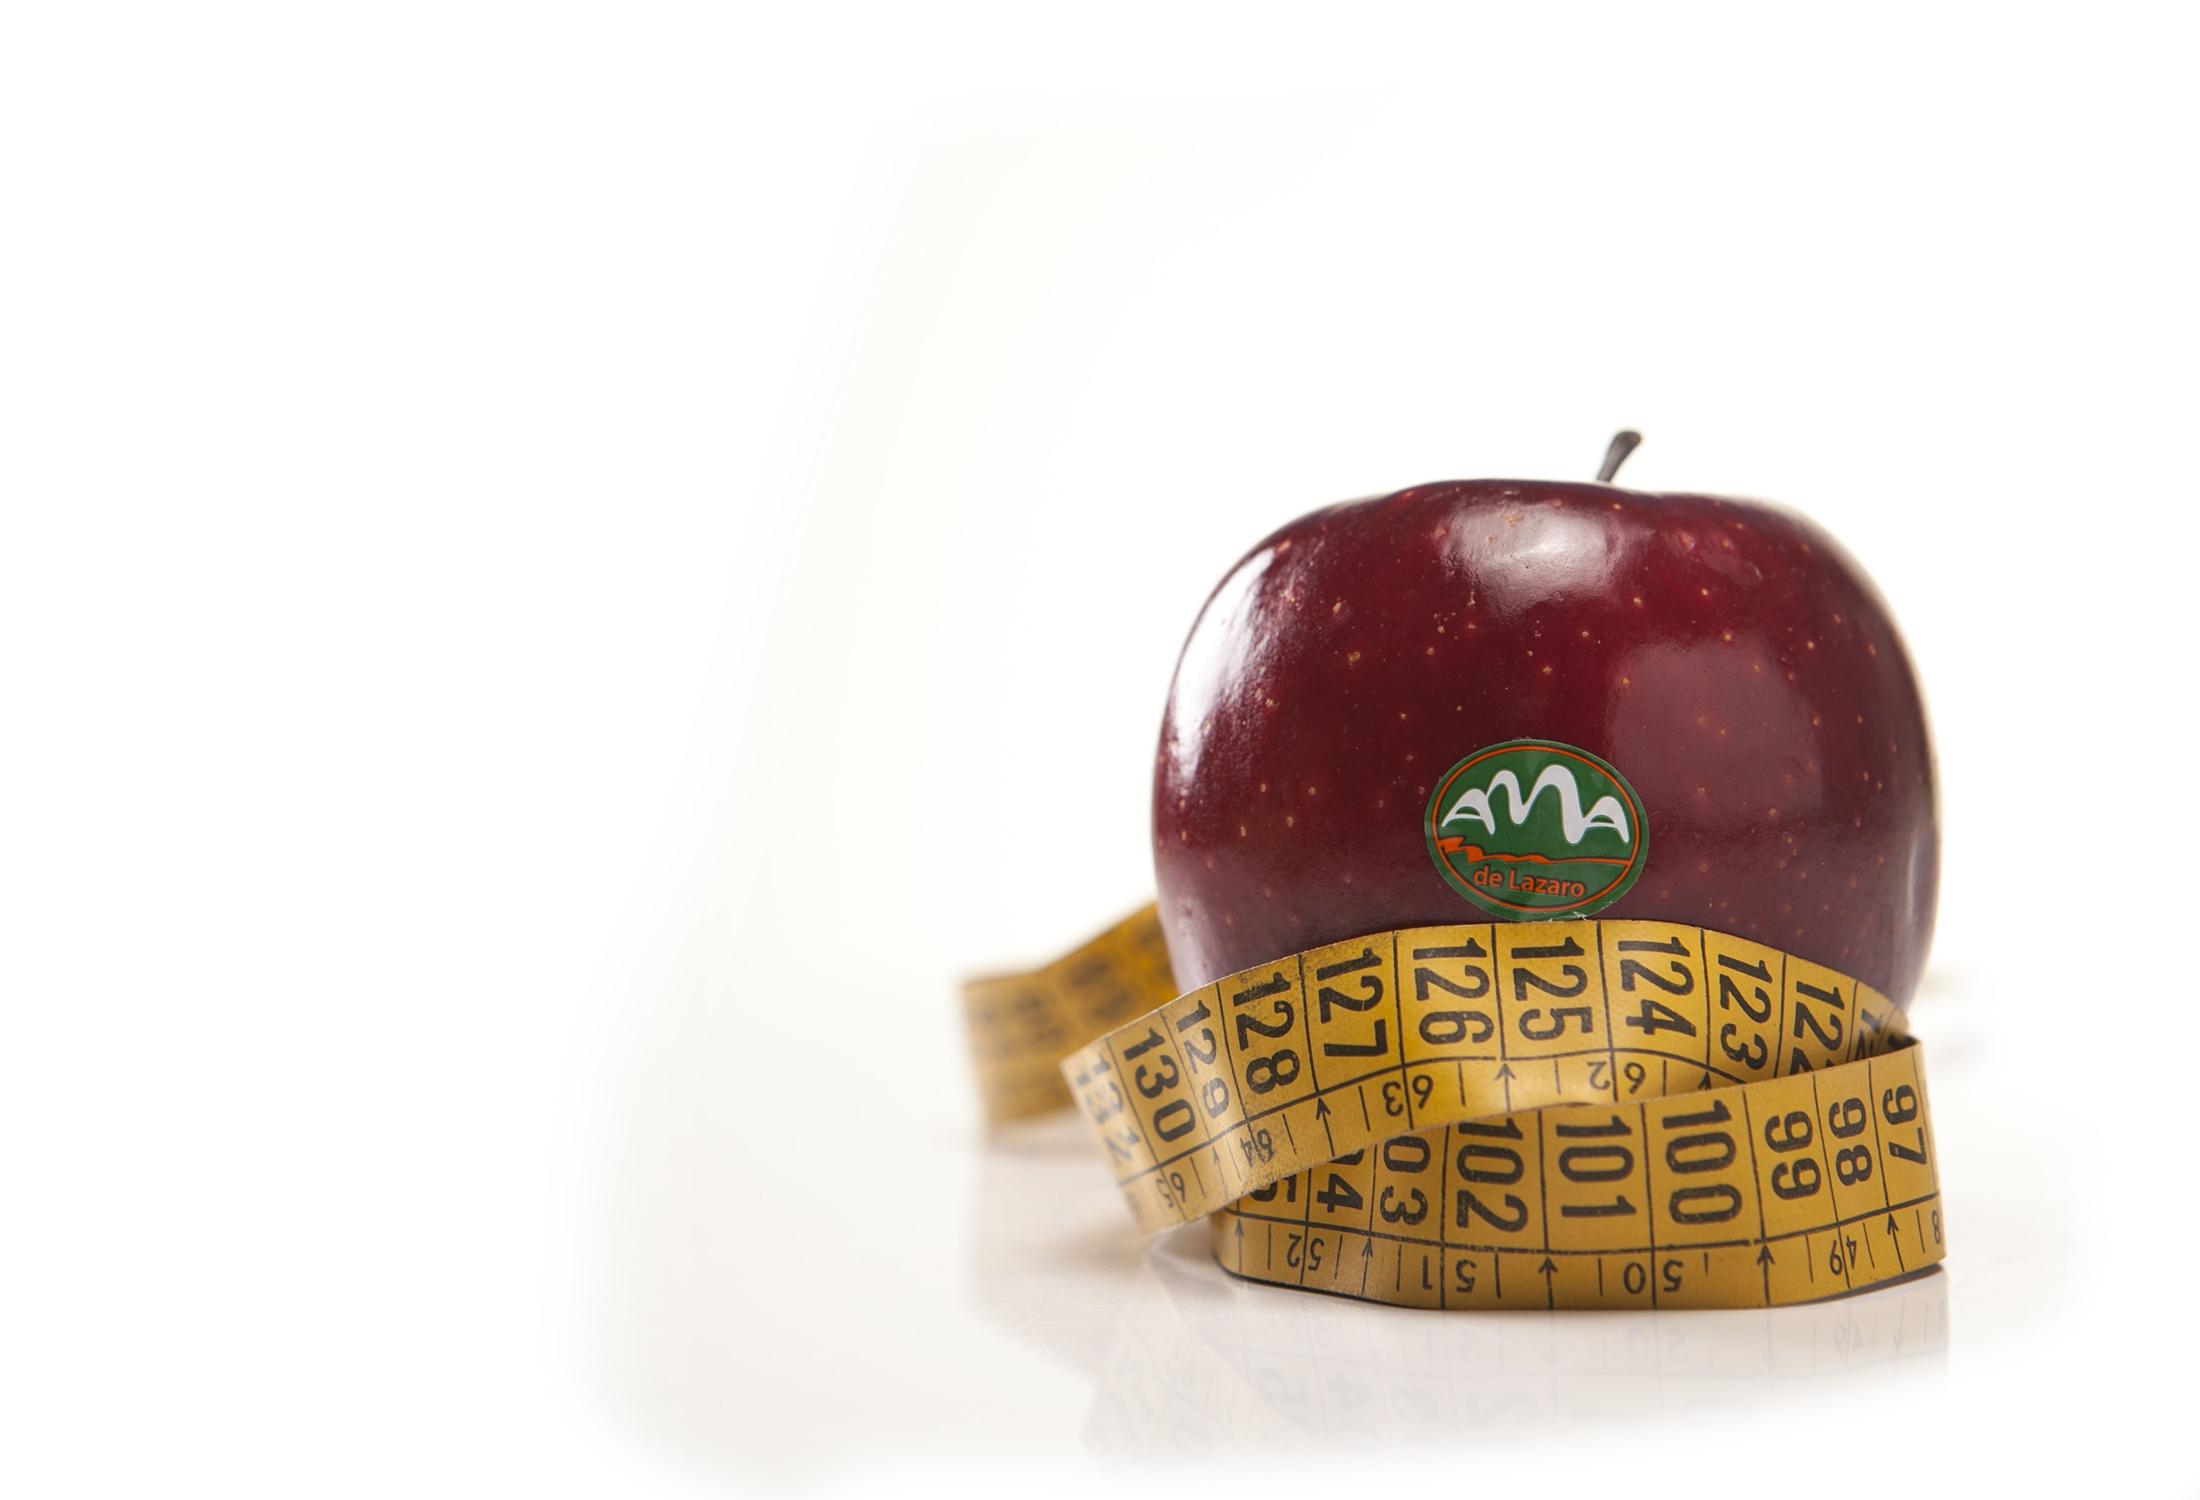 Adelgazar con manzanas